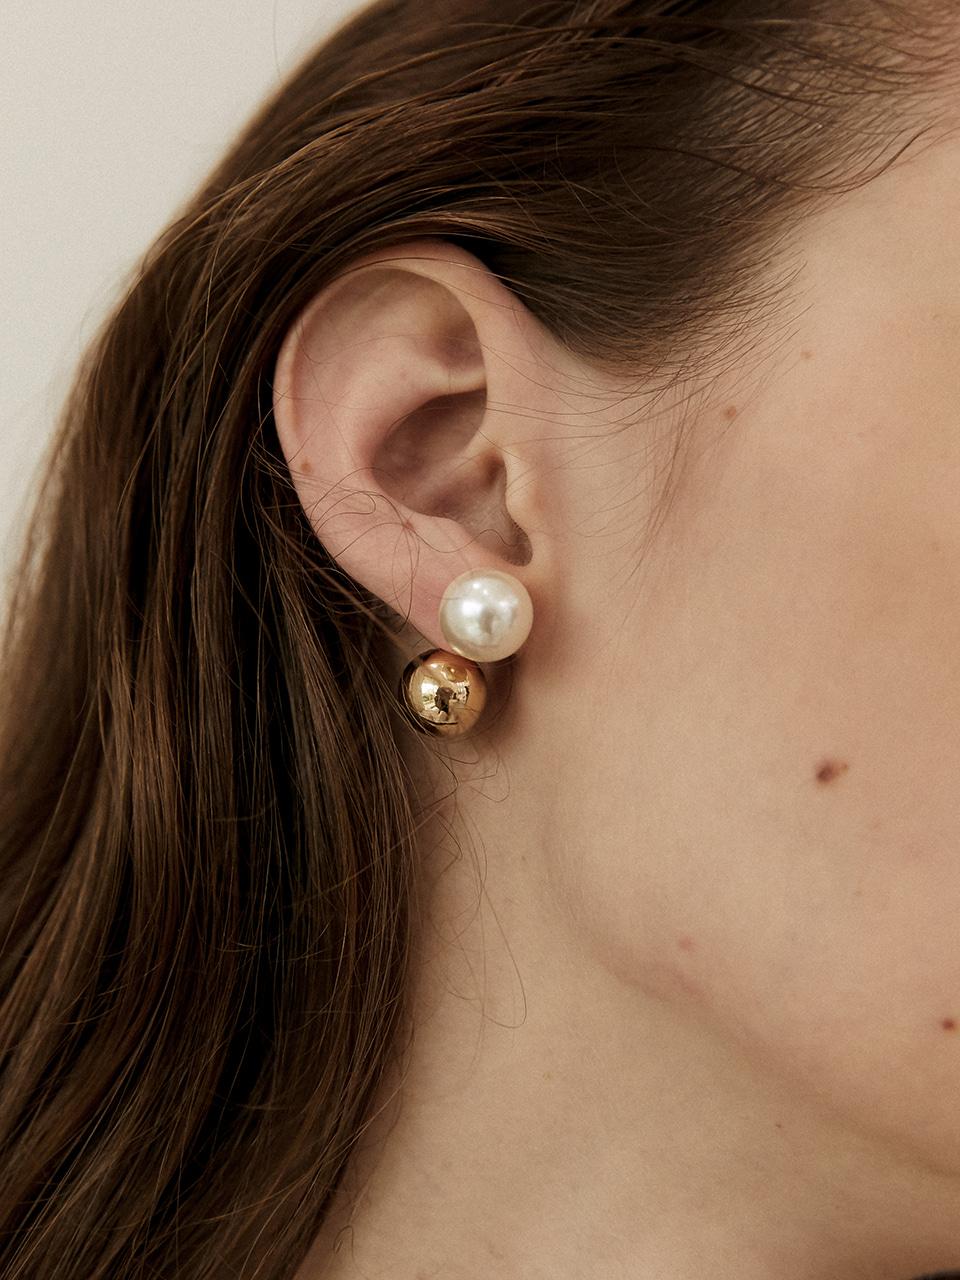 one ball earring